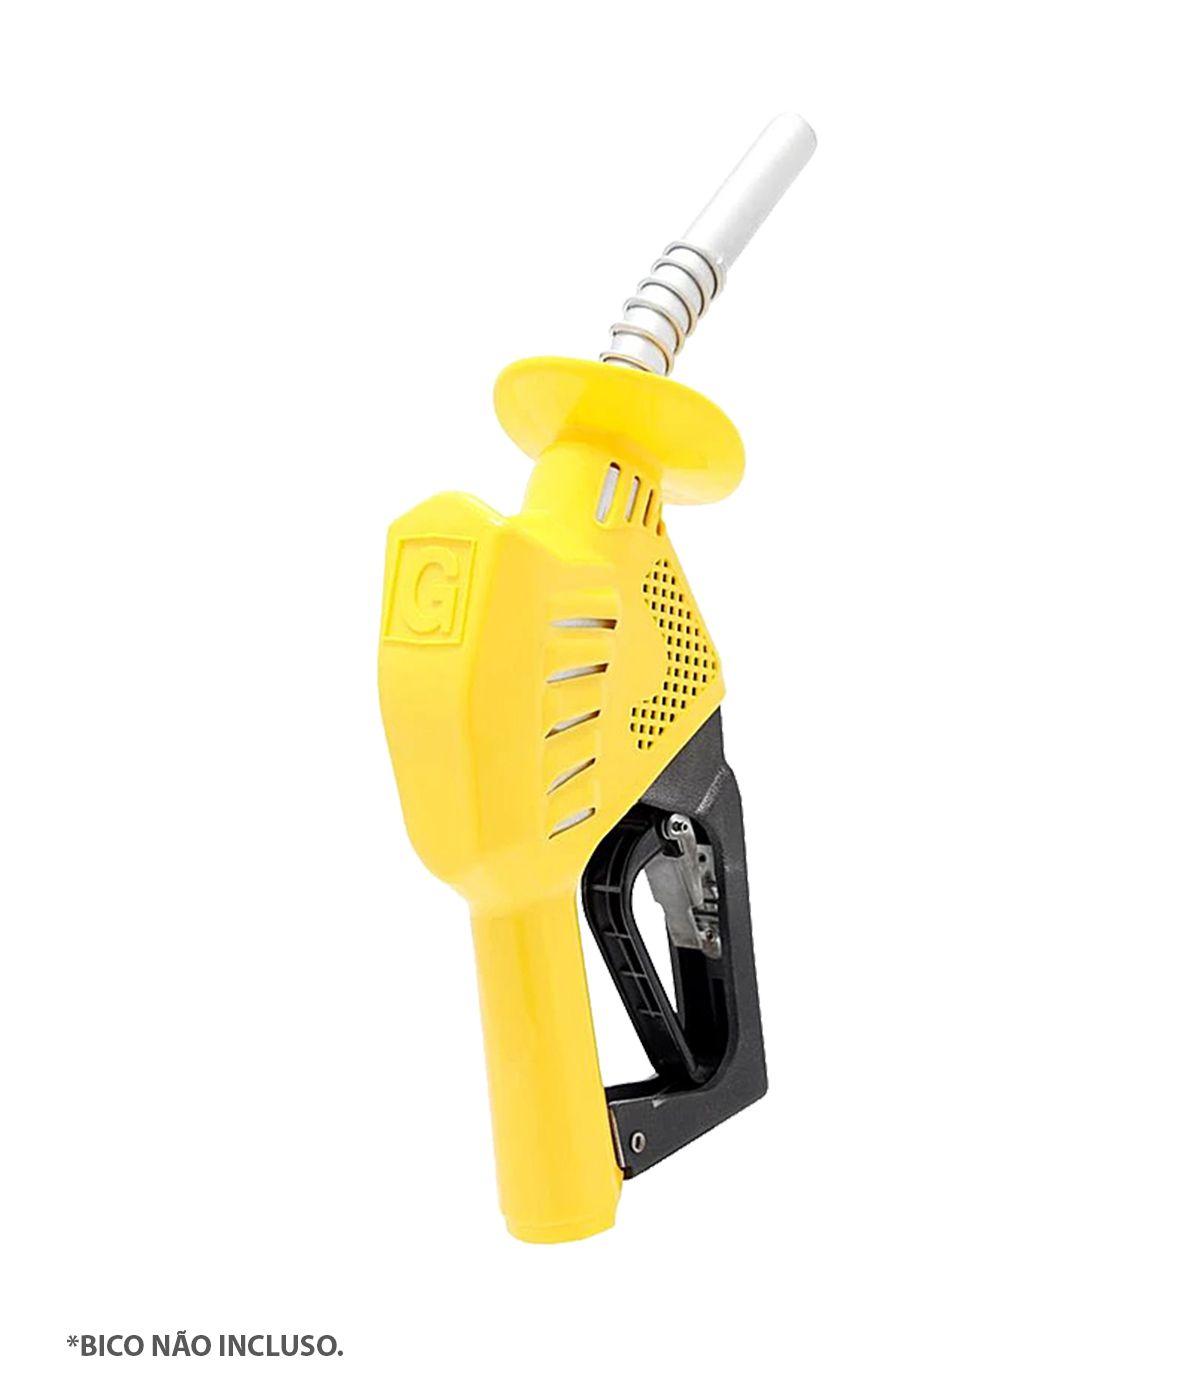 Capa para Bico 3x1 - Capa Protetora | Suporte de Mangueira | Protetor de Respingo - Amarelo Gasolina